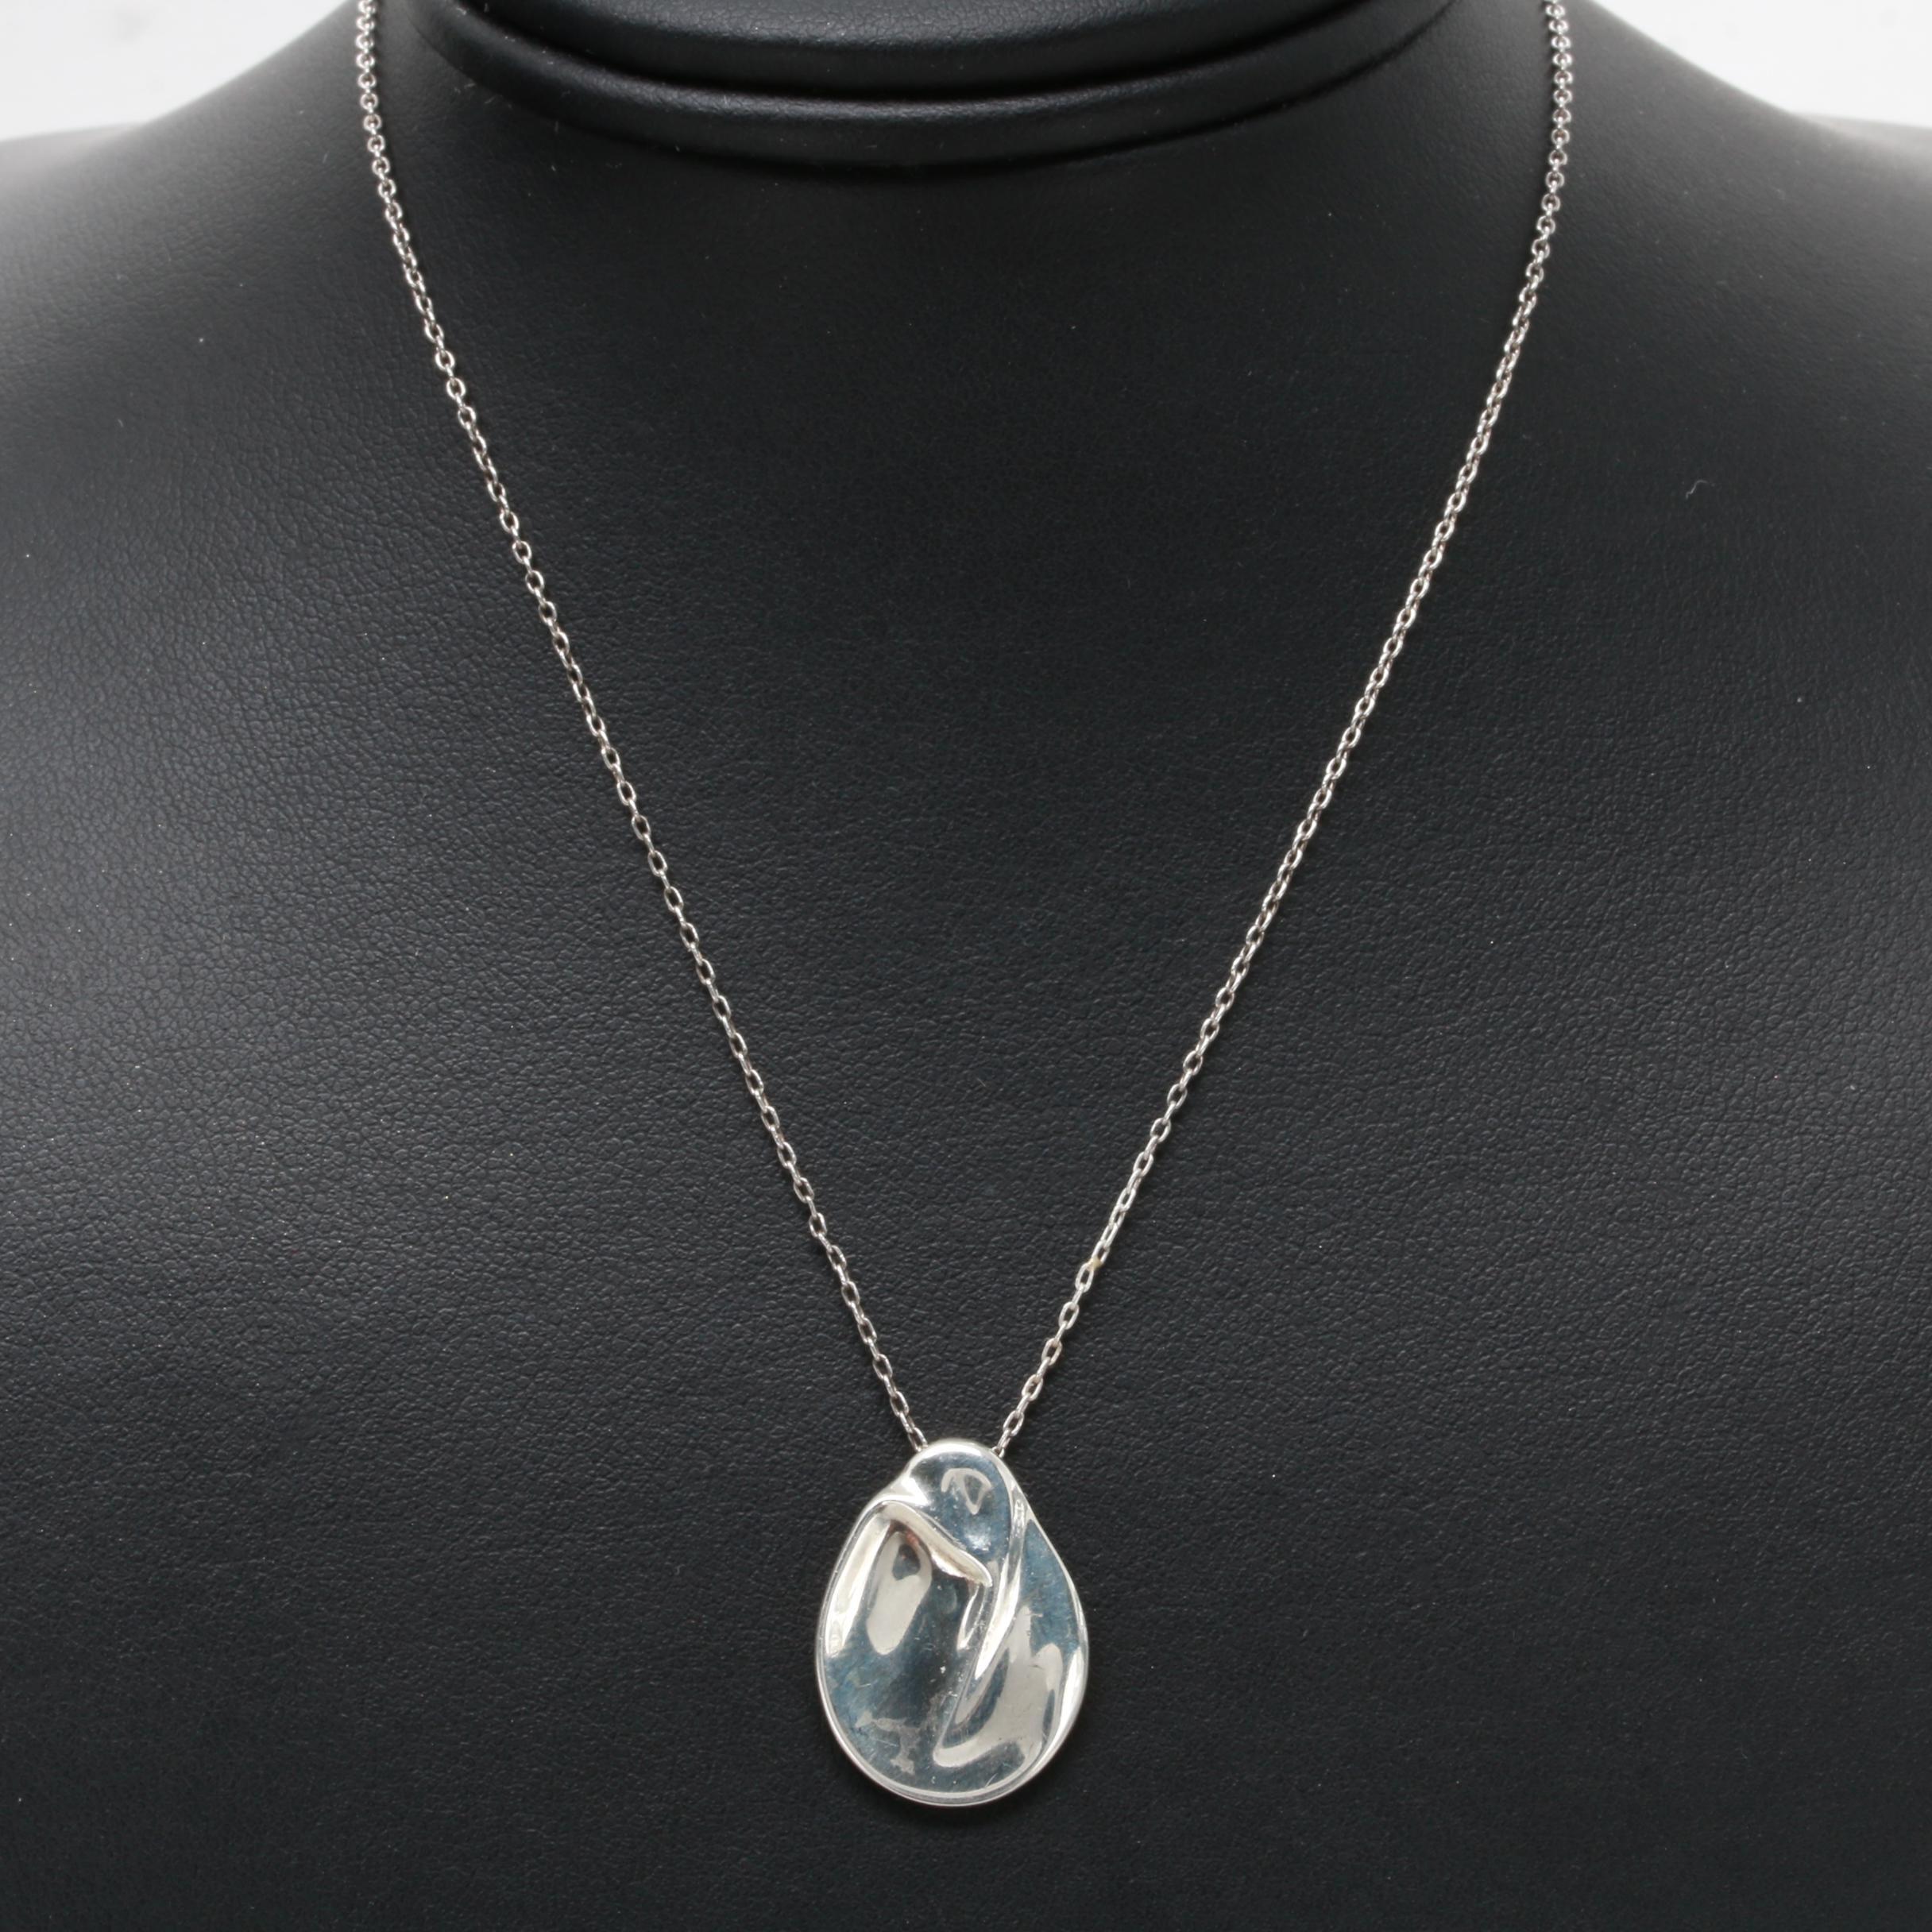 Elsa Peretti for Tiffany & Co. Madonna Pendant Necklace